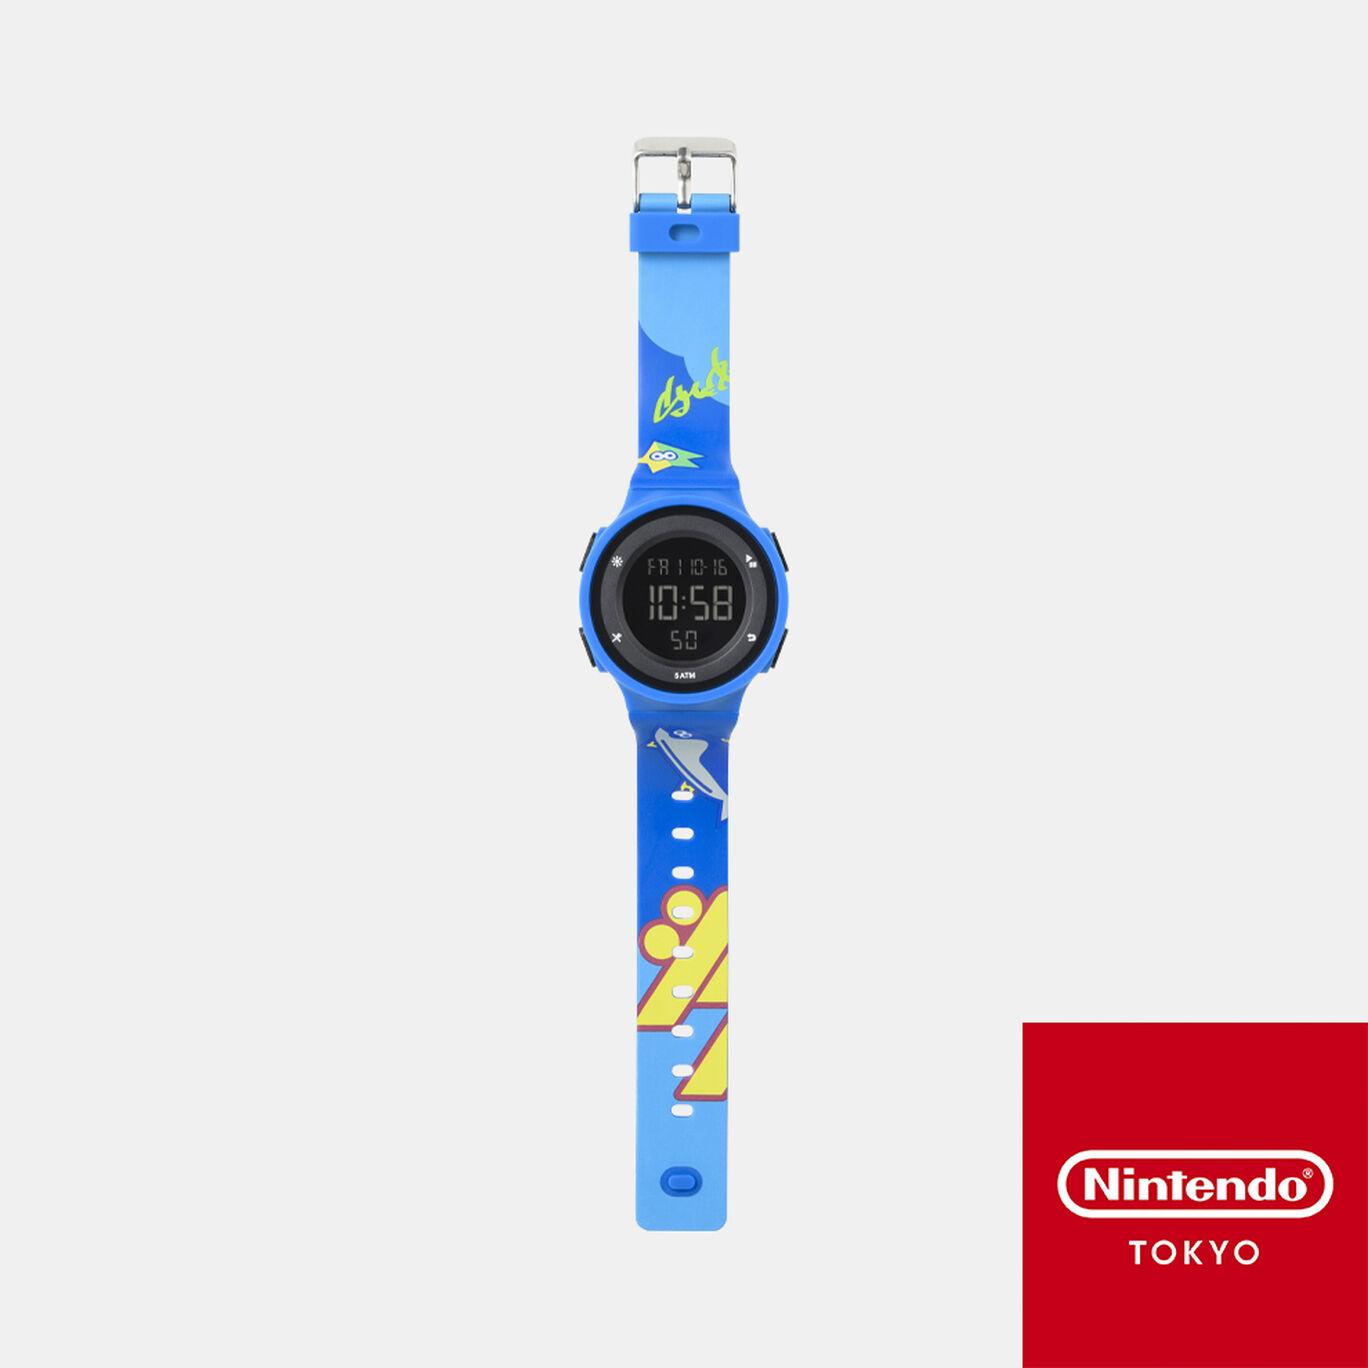 【新規追加商品】ウォッチ ブルー INK YOU UP【Nintendo TOKYO取り扱い商品】